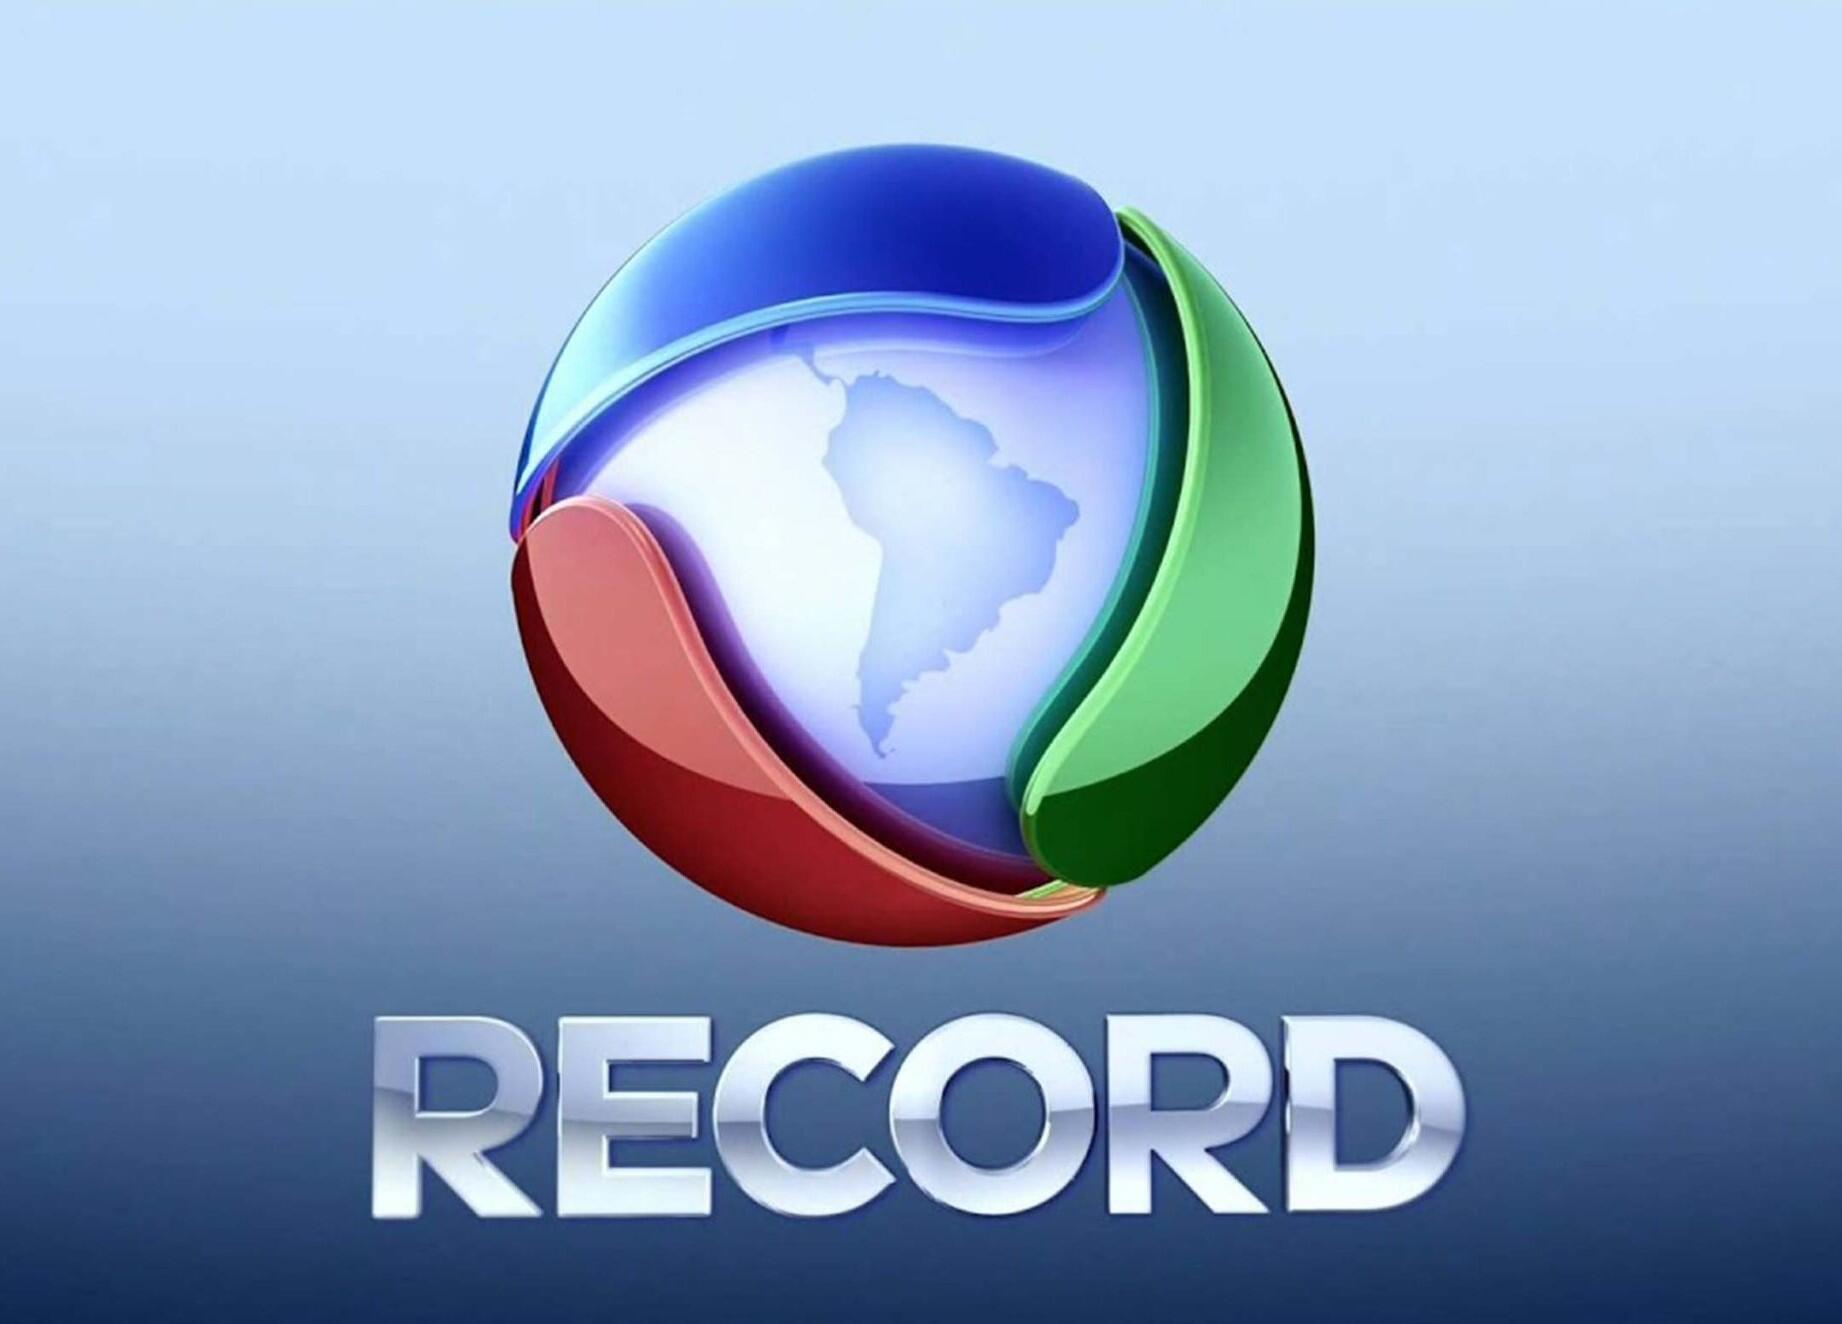 RecordTV-e-uma-rede-de-televisao-comercial-20200923-scaled